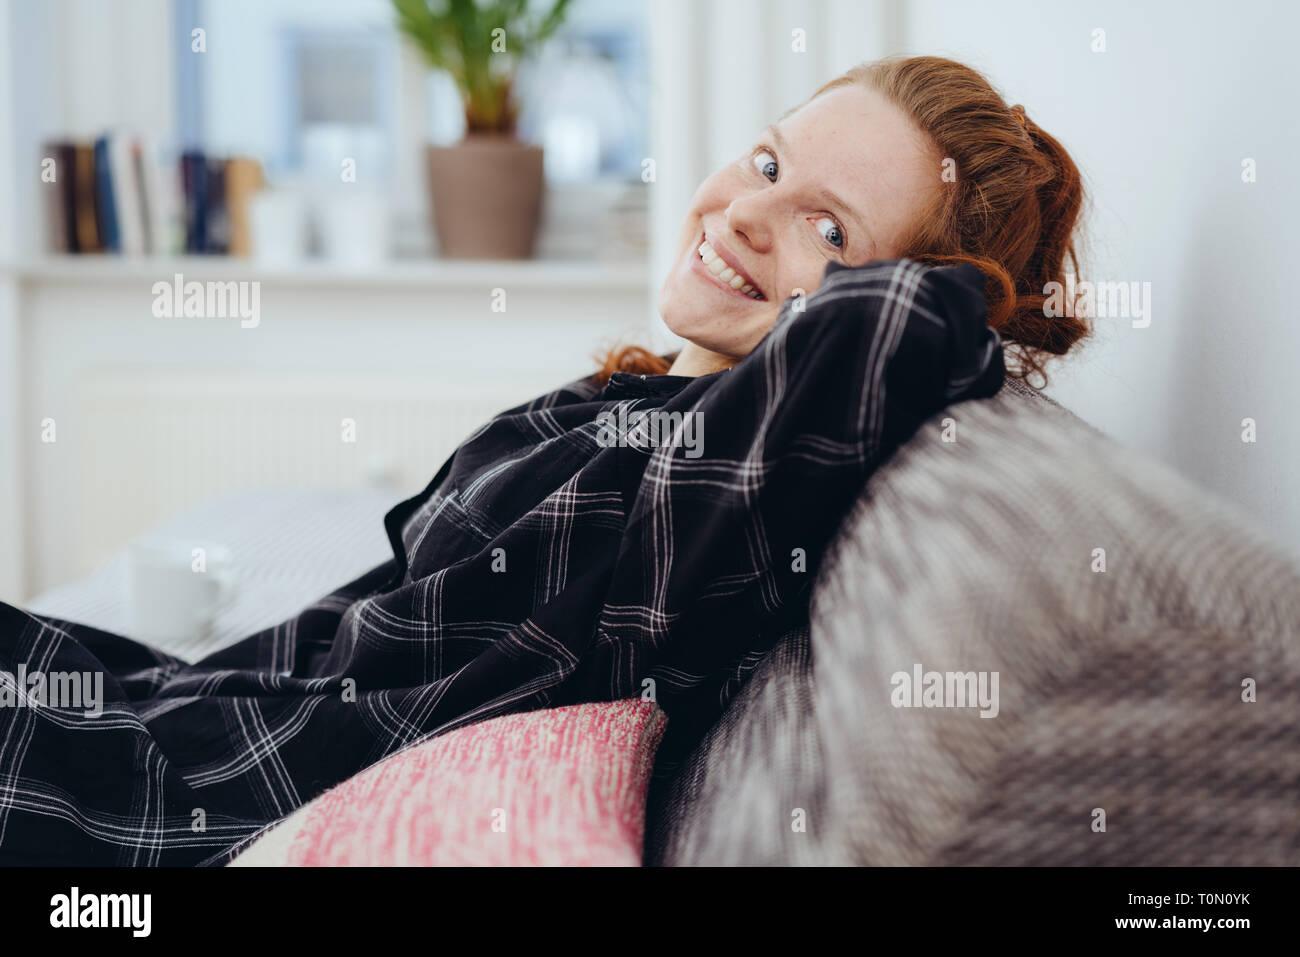 Jeune femme rousse heureux de vous détendre sur un canapé en se tournant vers l'appareil photo avec un beau sourire chaleureux Banque D'Images